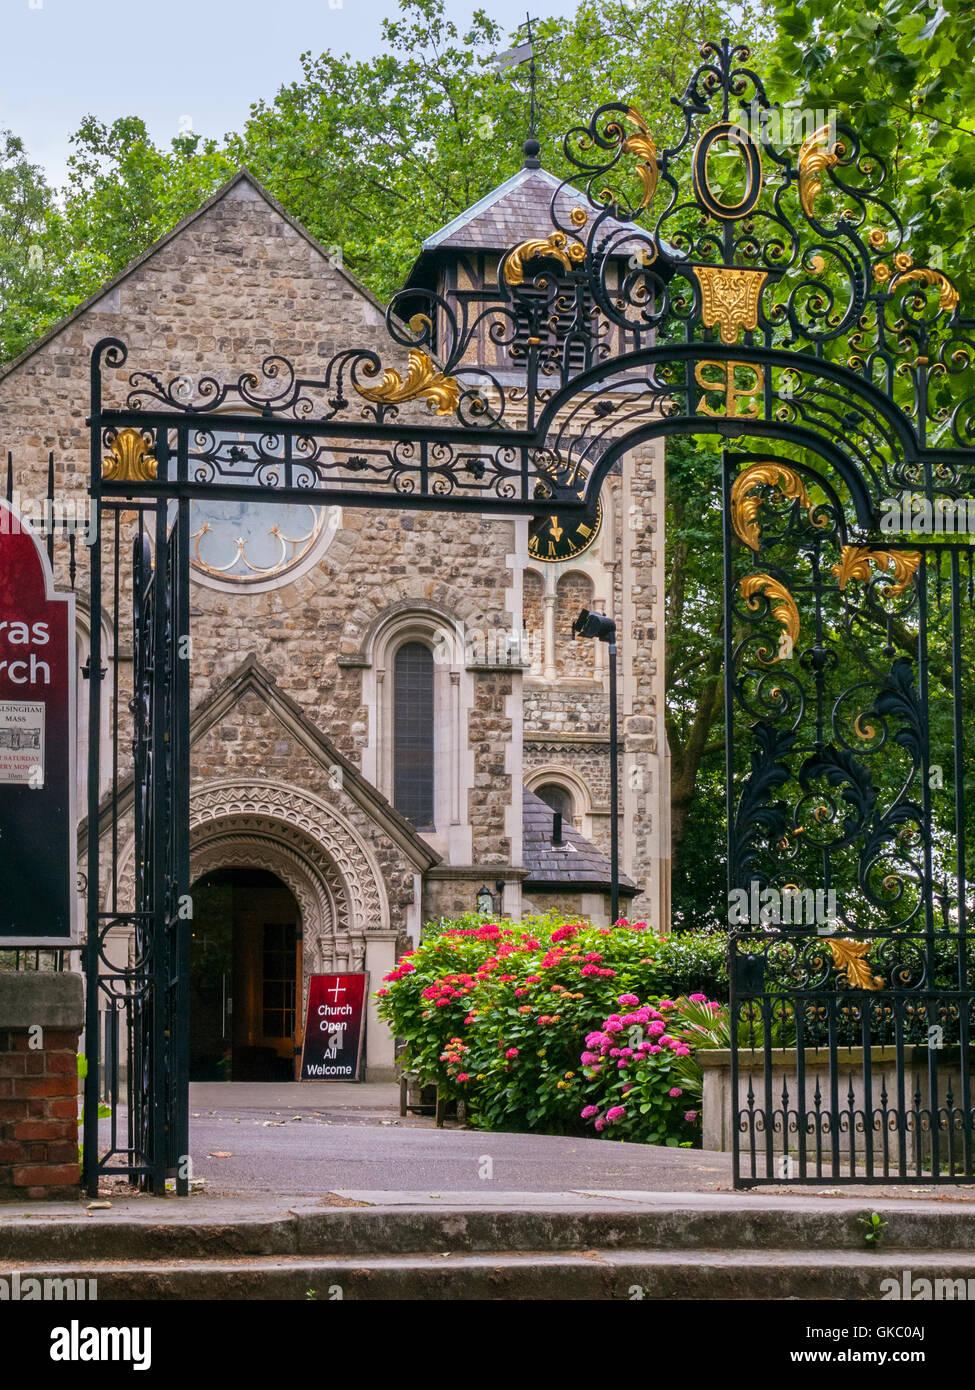 St Pancras Old Church, London, exterior - Stock Image